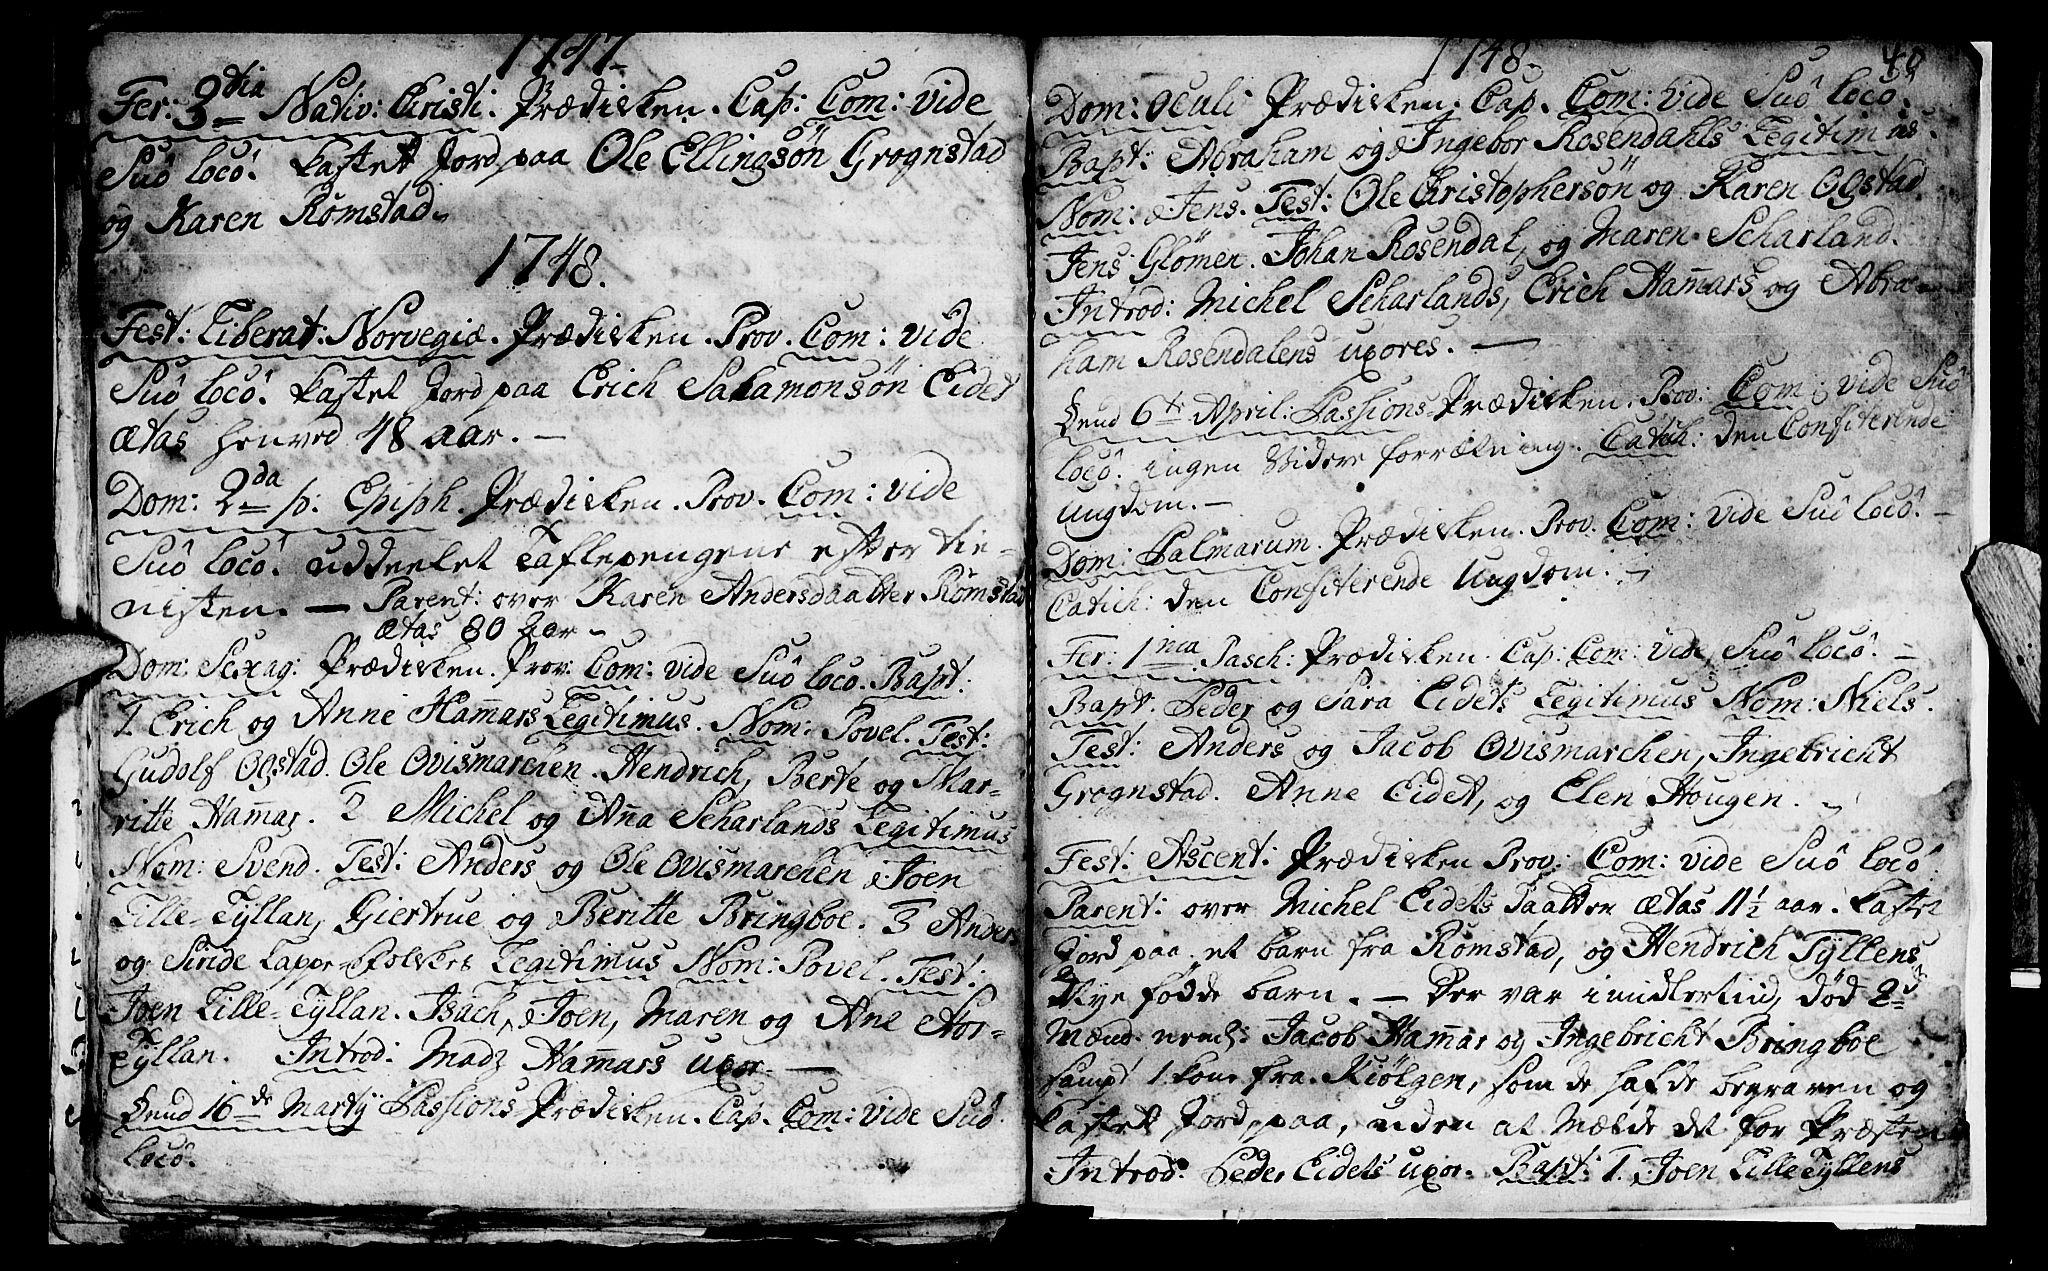 SAT, Ministerialprotokoller, klokkerbøker og fødselsregistre - Nord-Trøndelag, 765/L0560: Ministerialbok nr. 765A01, 1706-1748, s. 40